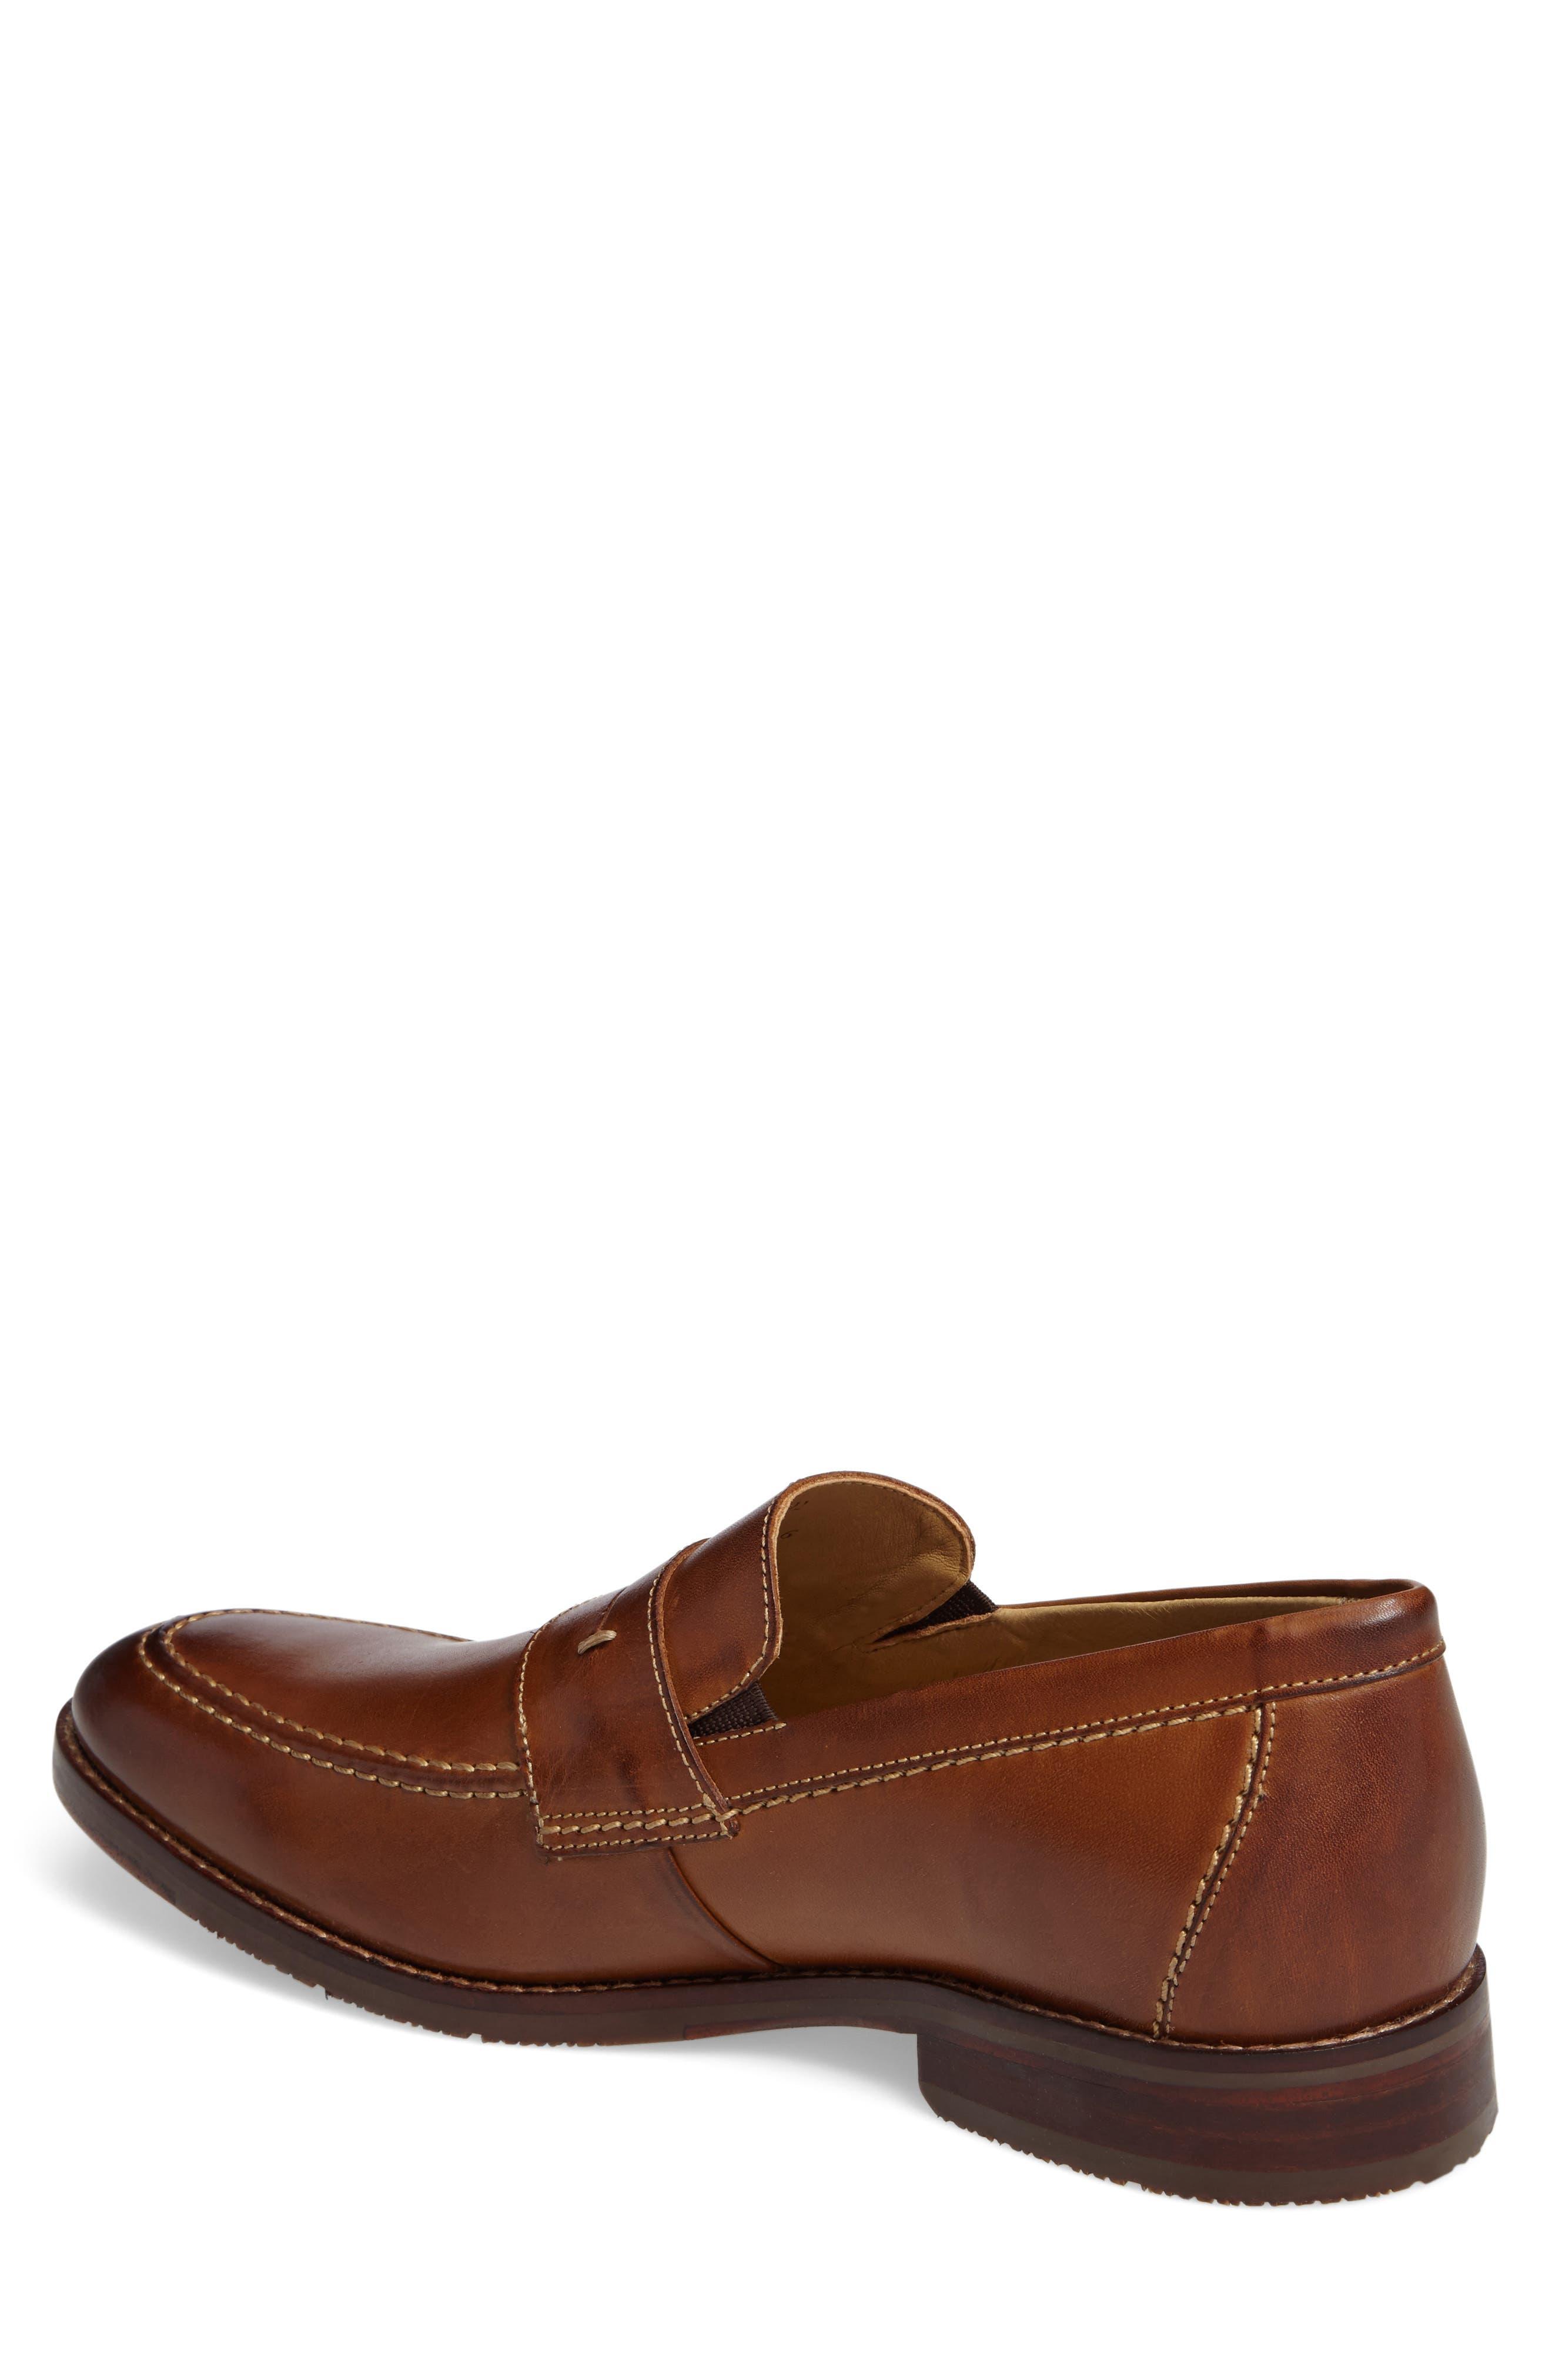 Garner Penny Loafer,                             Alternate thumbnail 2, color,                             Tan Leather